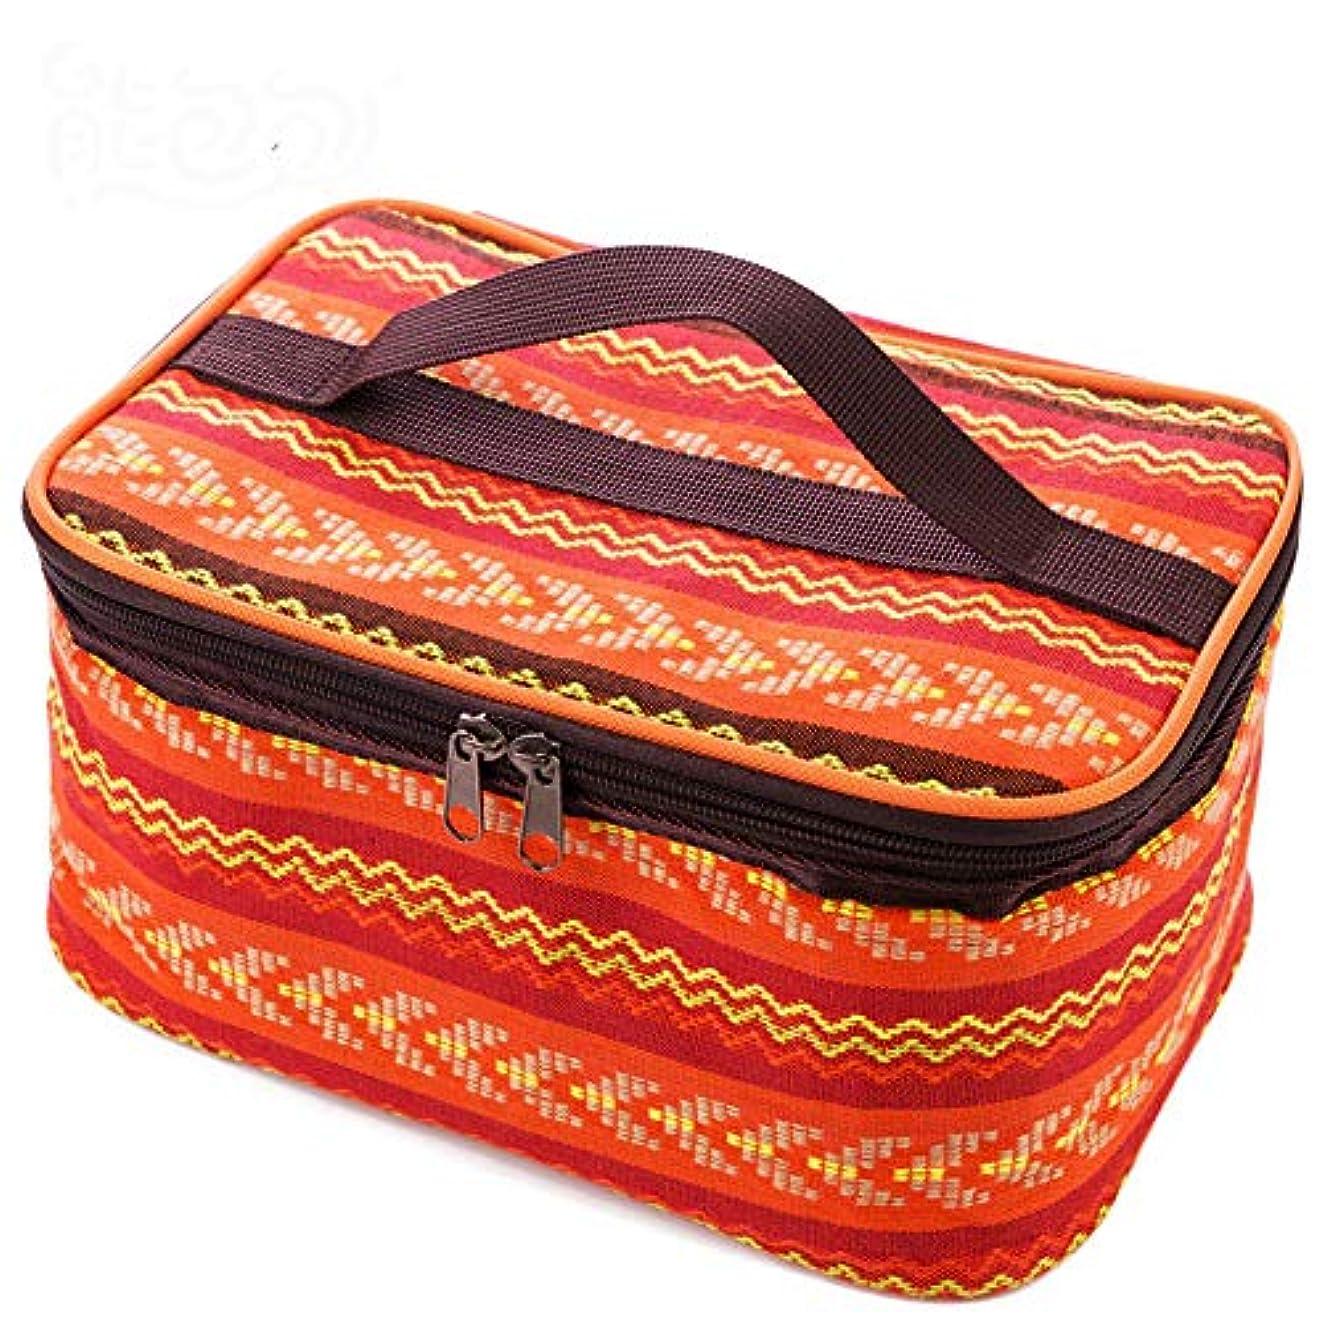 シルエット結び目いたずらなKARRESLY アウトドア食器収納バッグ 大容量 調味料ケース 持ち運び便利 調理器具入れ コンパクト バーベキュー キャンプ 旅行